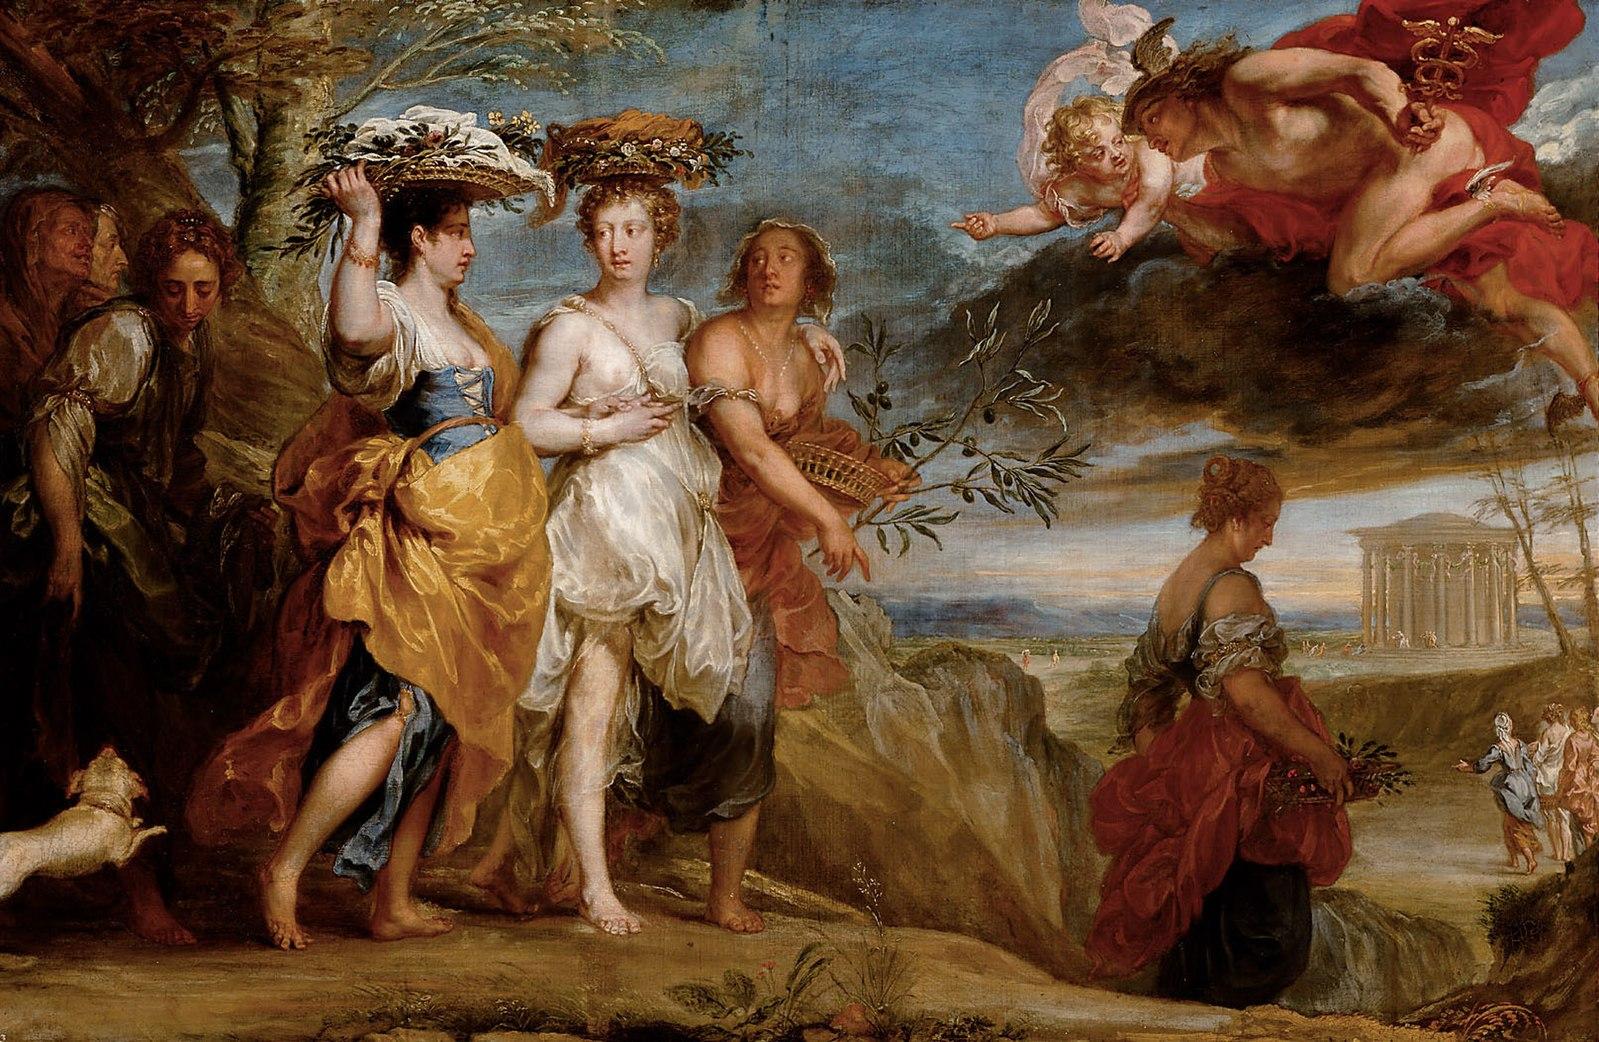 Неопознанный летающий объект, без штанов, на картинах барокко